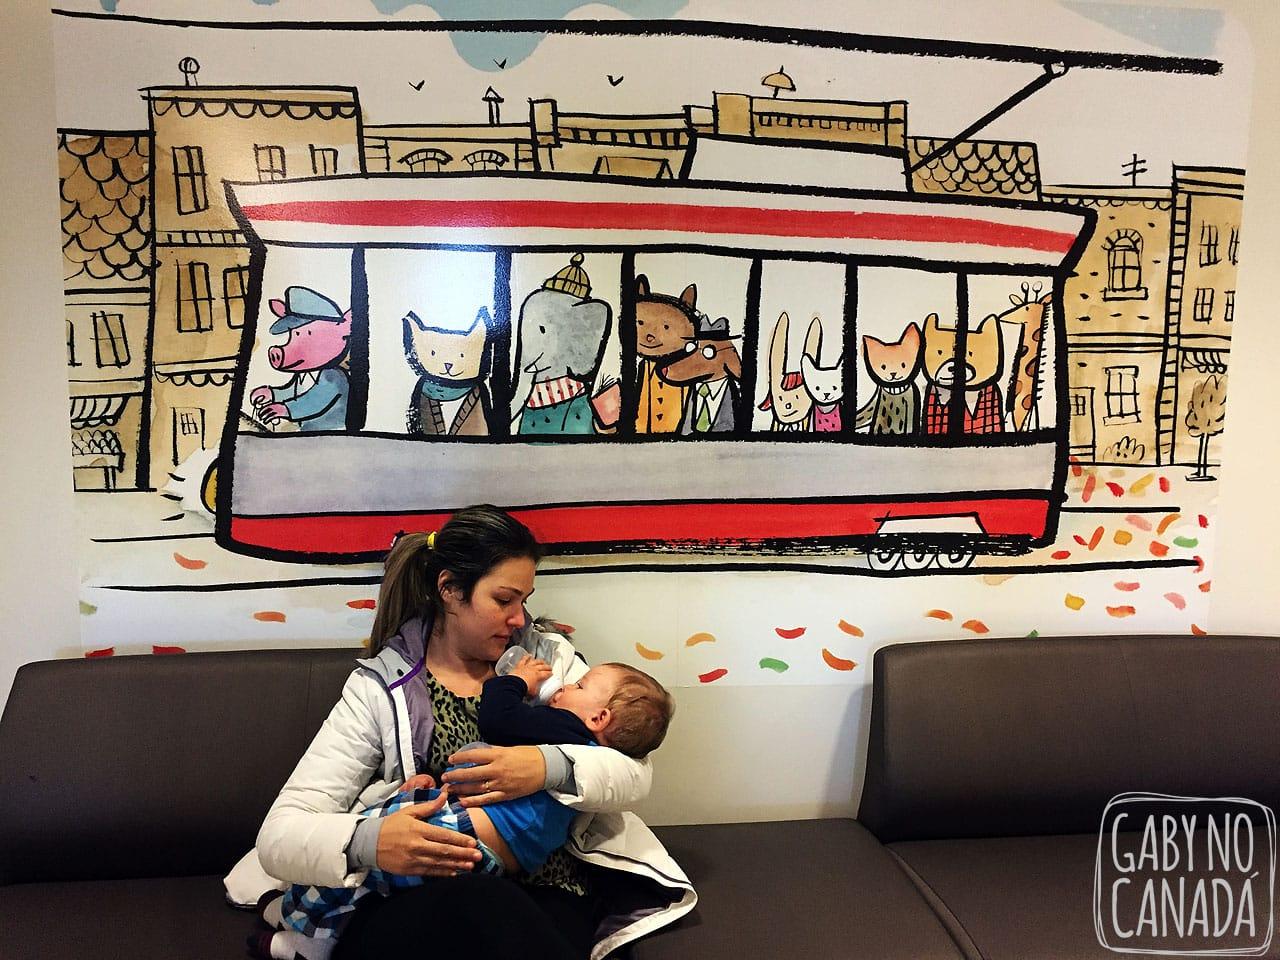 Thomas e sua amada mamadeira no colo da mamãe enquanto esperamos para sermos atendidos em uma clínica.